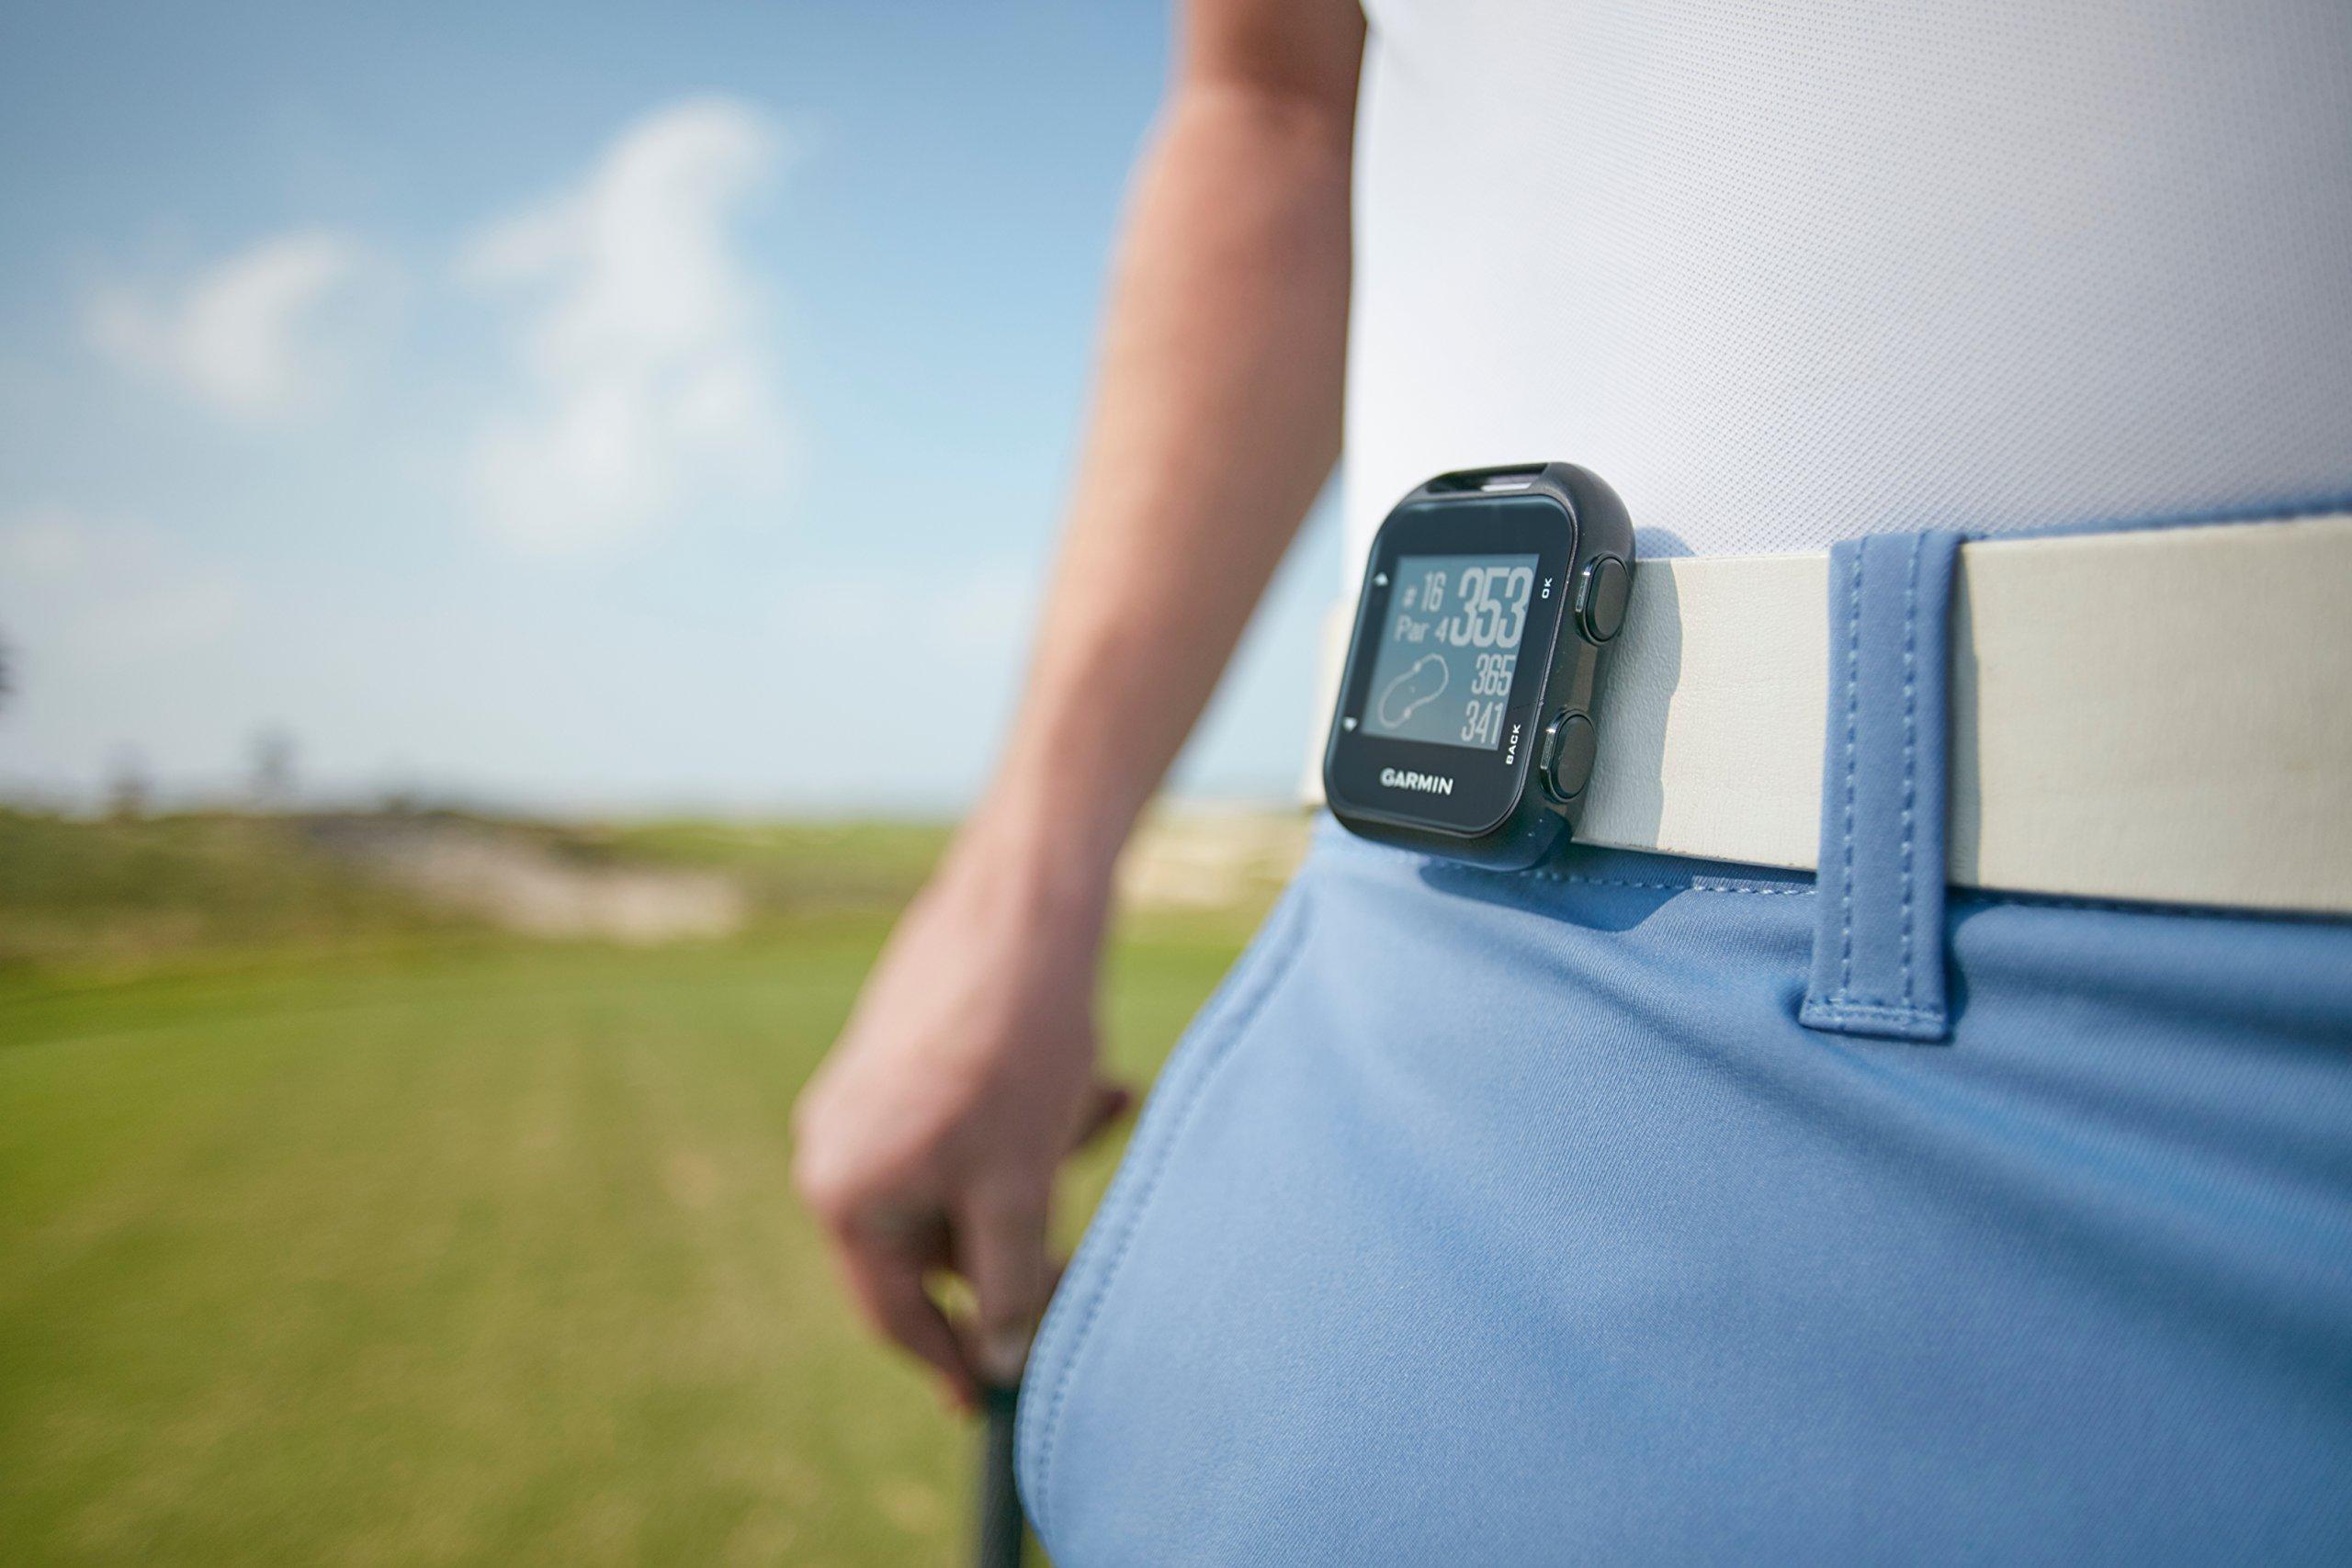 Garmin X10 Gps Entfernungsmesser : Golf uhren von garmin online kaufen im joggenonline shop